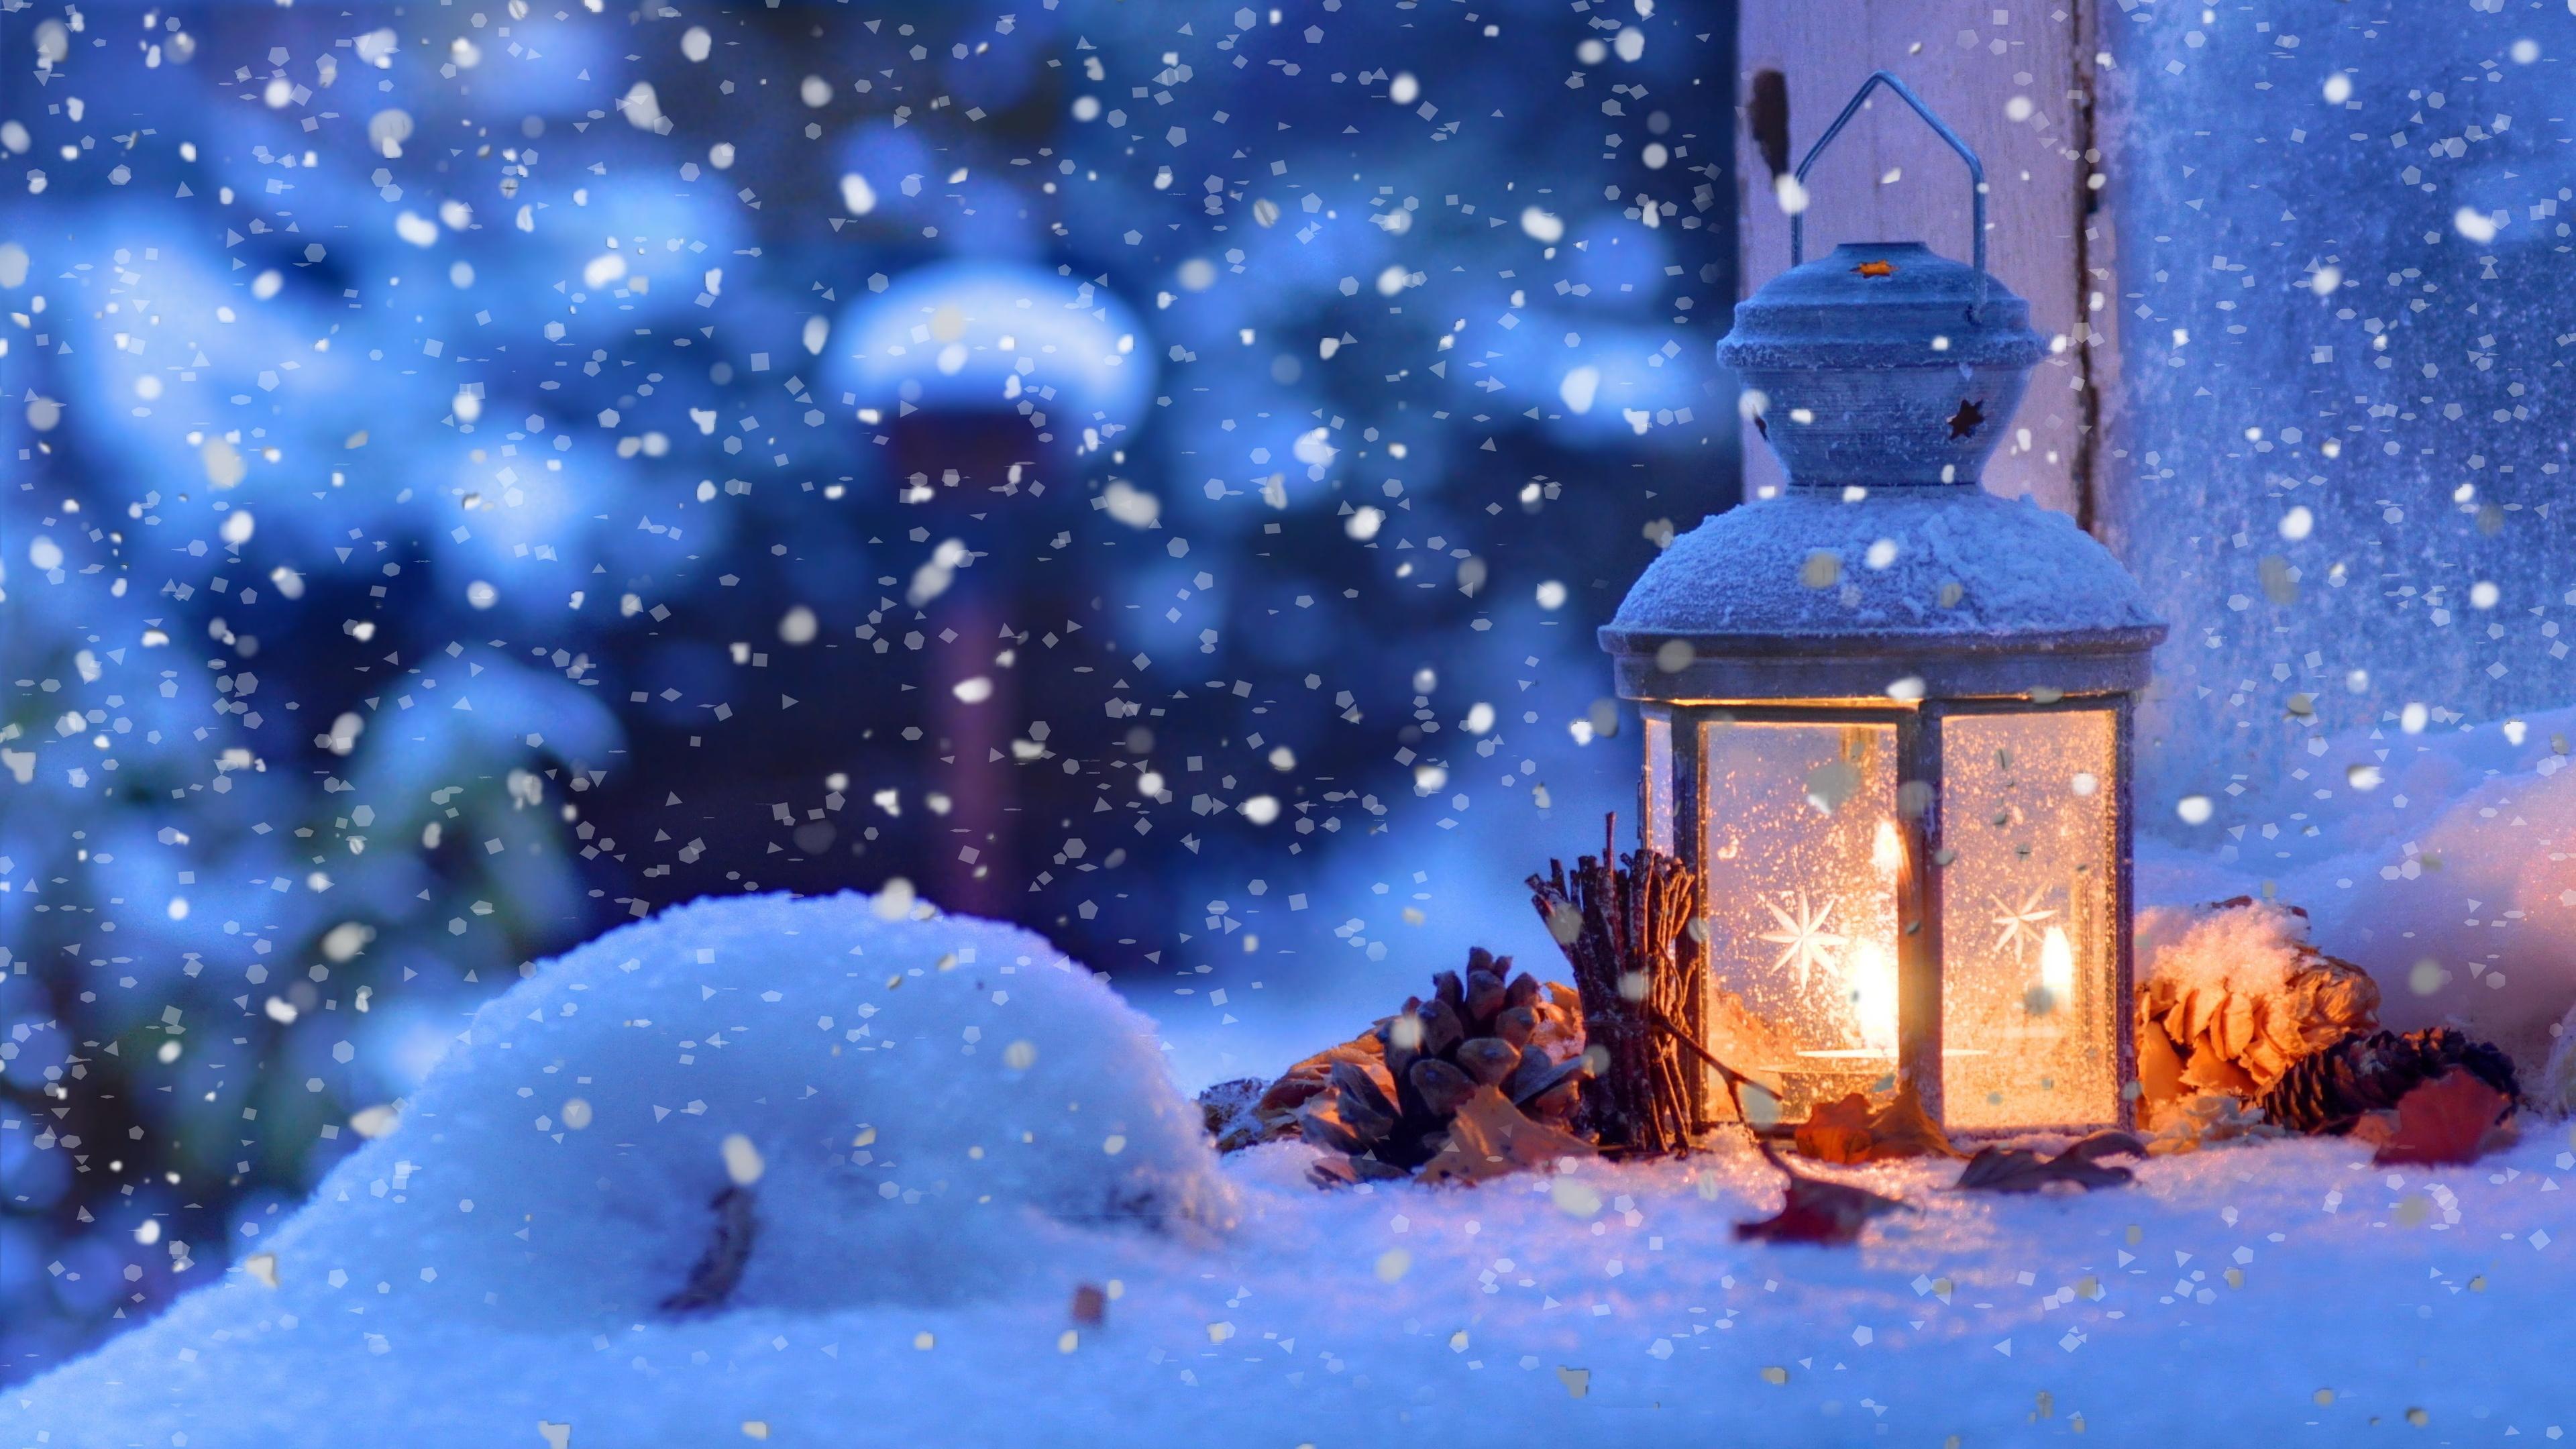 Christmas Snow Lantern 4K Ultra HD Desktop Wallpaper 3840x2160